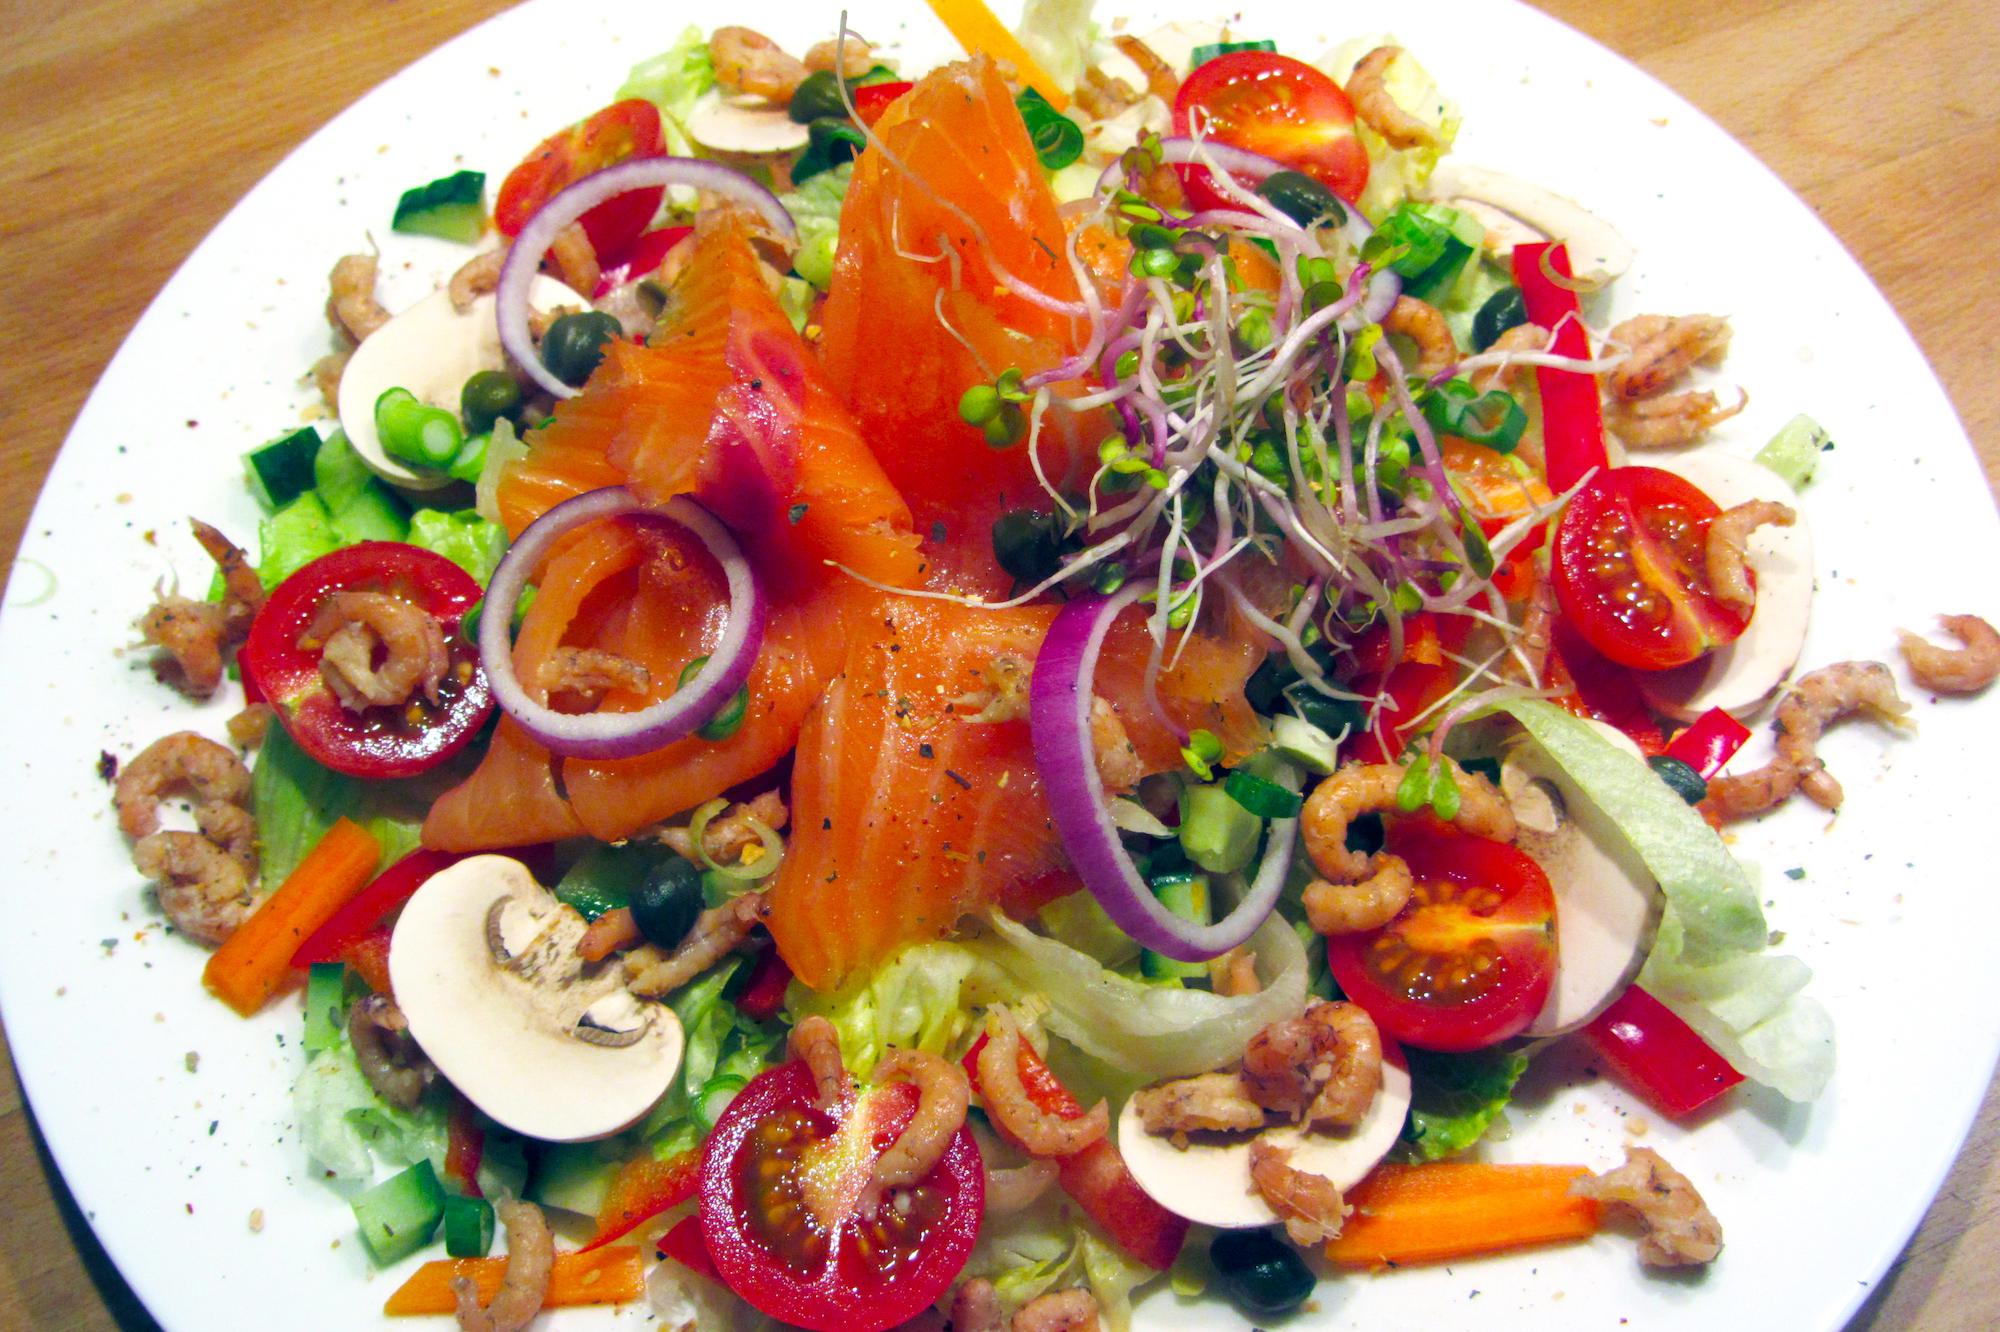 Salade met gerookte zalm en grijze garnalen